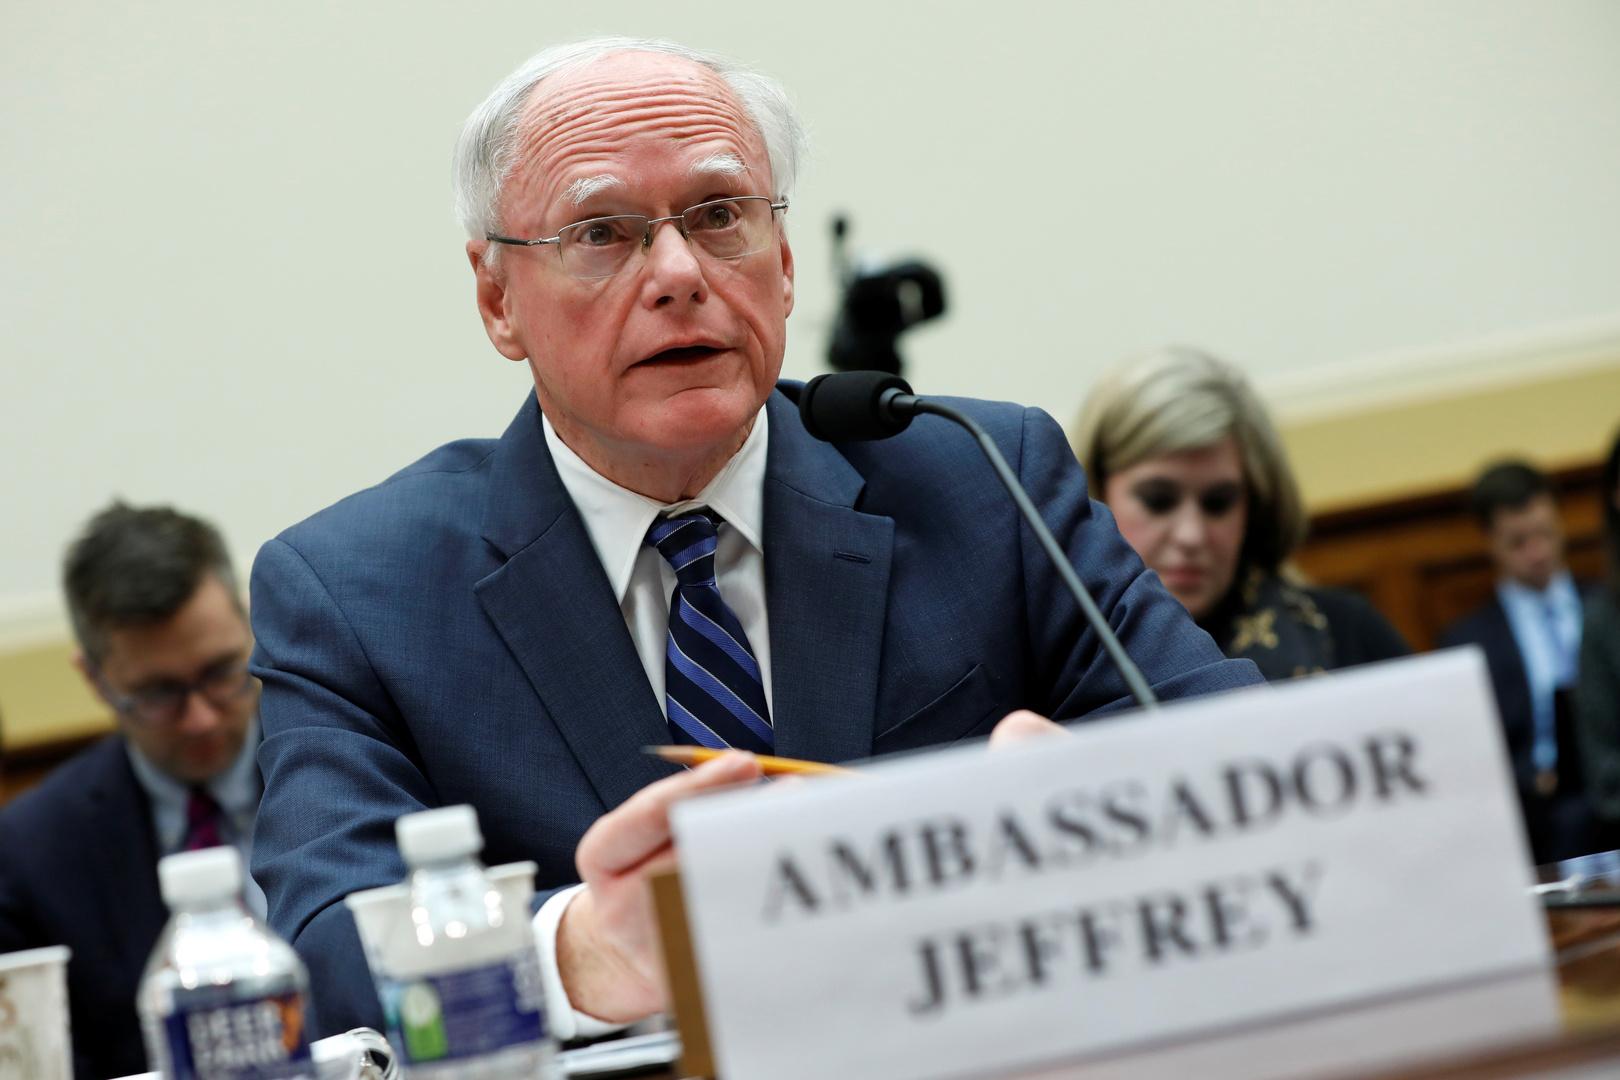 واشنطن وبروكسل تبحثان فرض عقوبات جديدة ضد سوريا